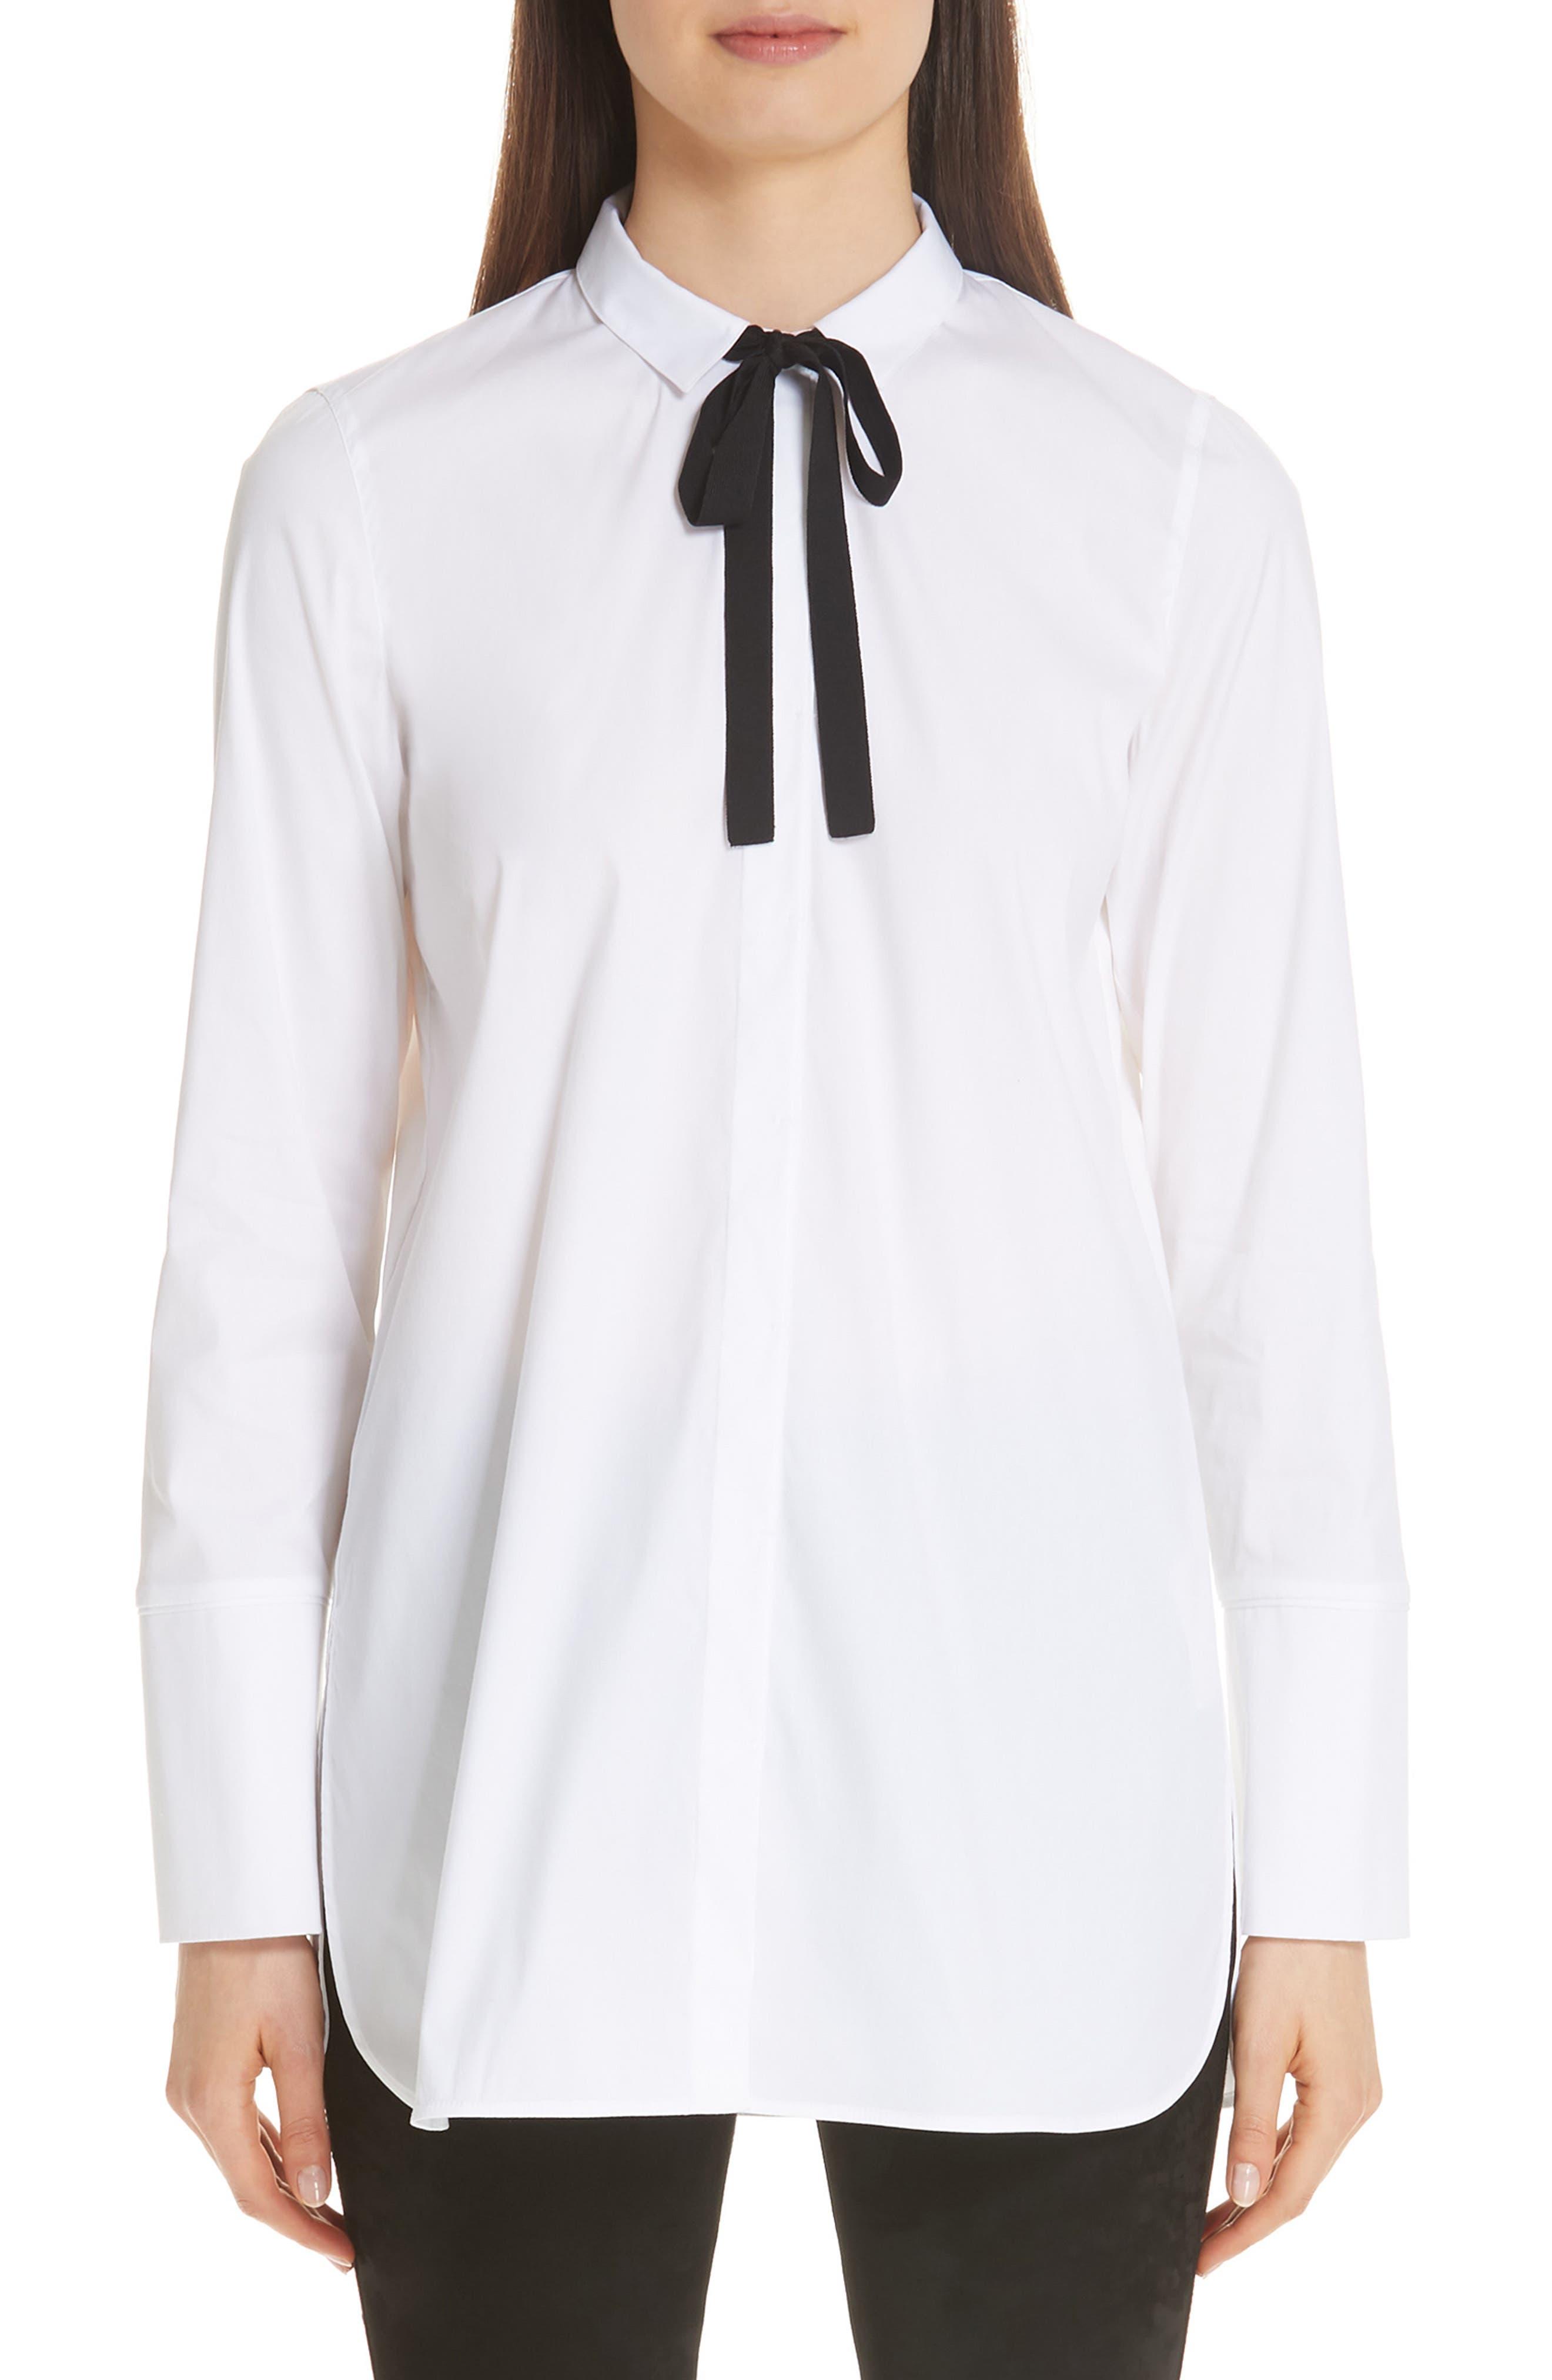 Annaliese Shirt,                             Main thumbnail 1, color,                             WHITE